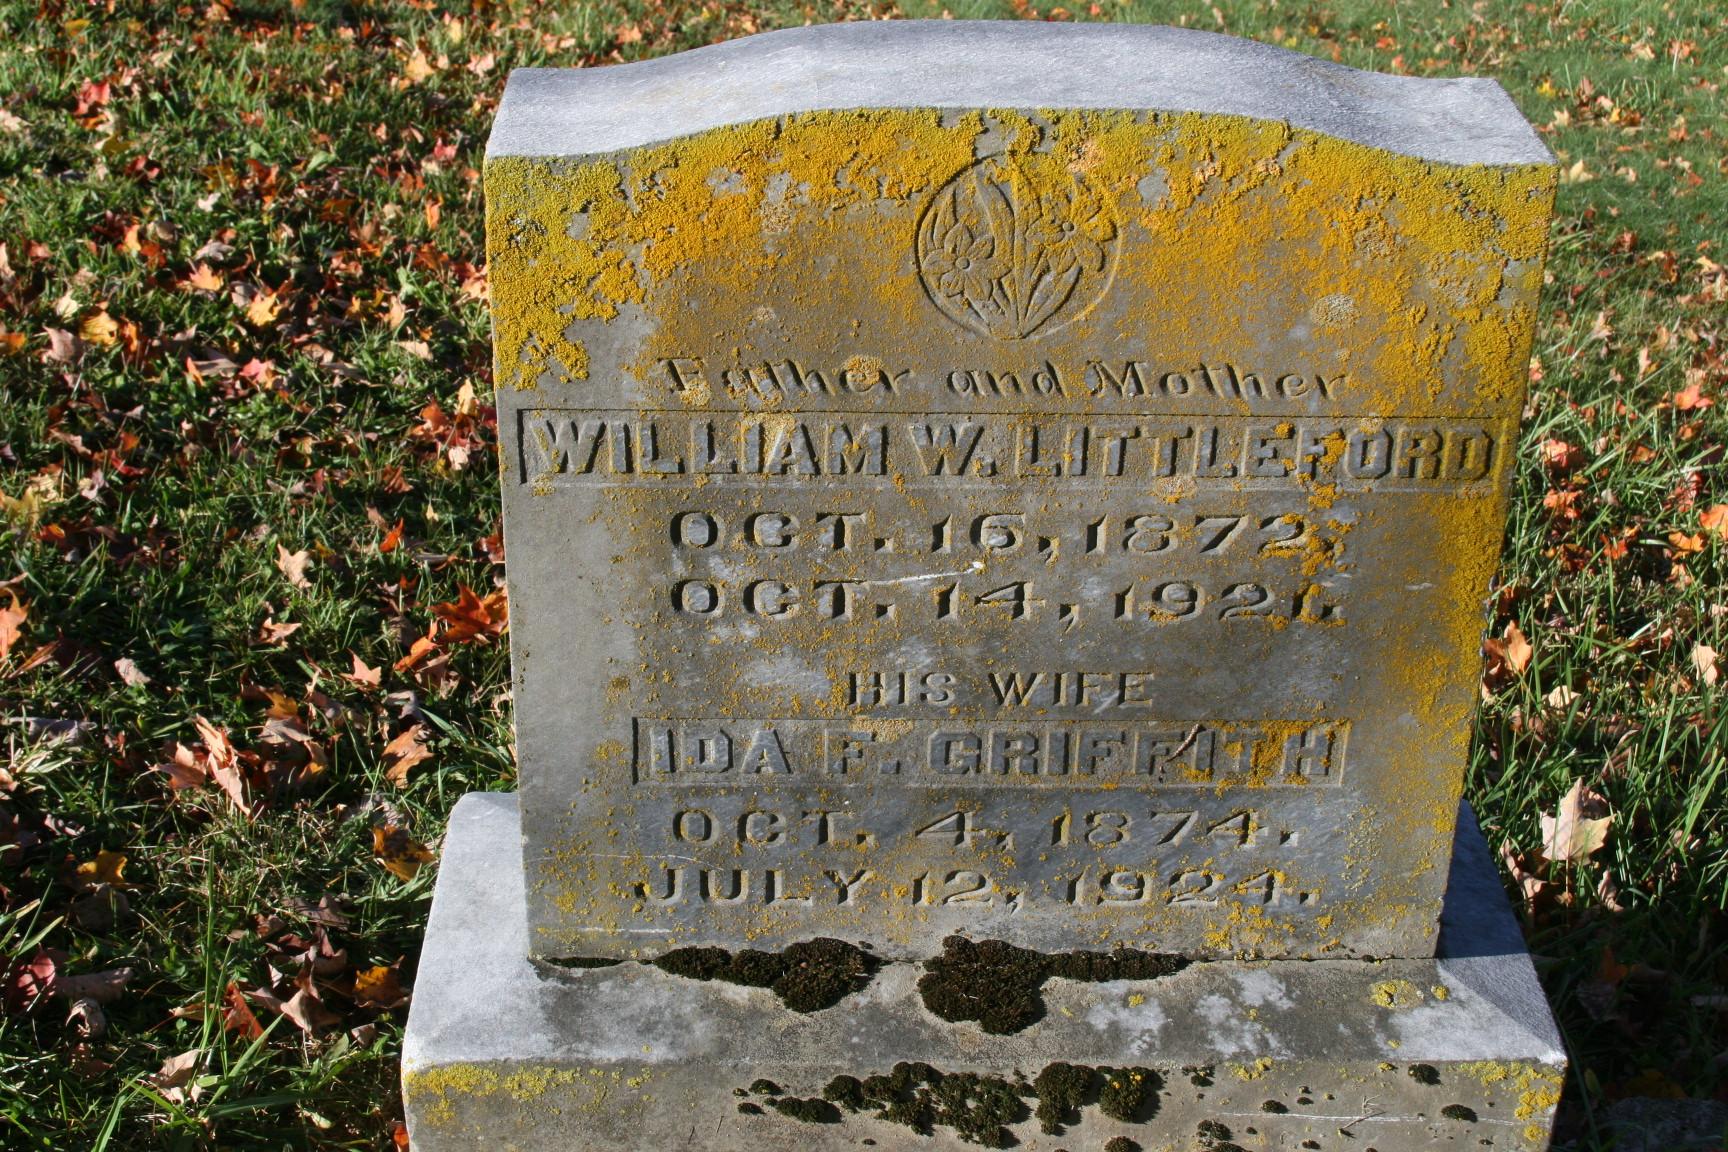 William W. Littleford